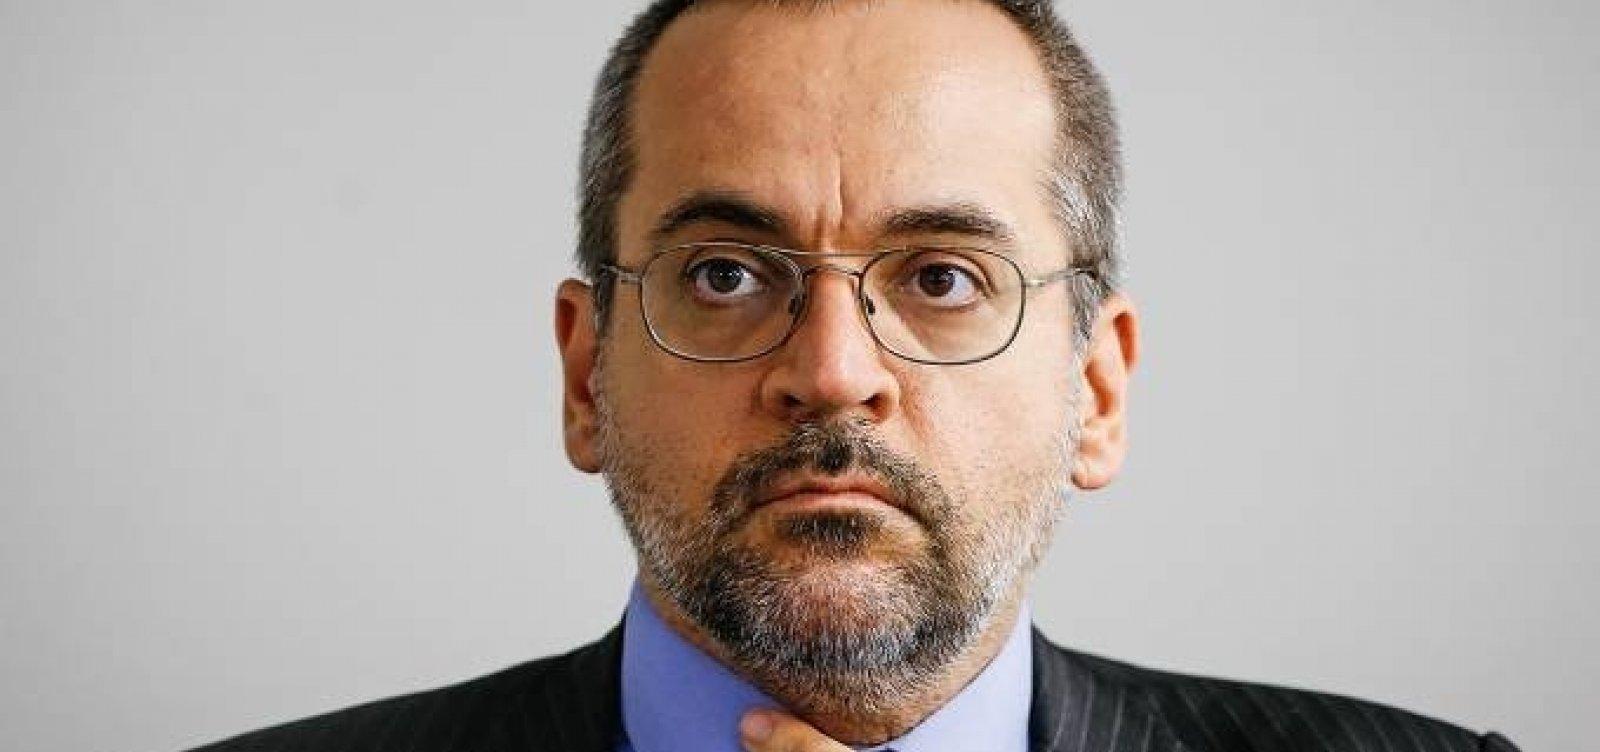 [MPF processa ministro por sugerir substituição de terceirizados por alunos]